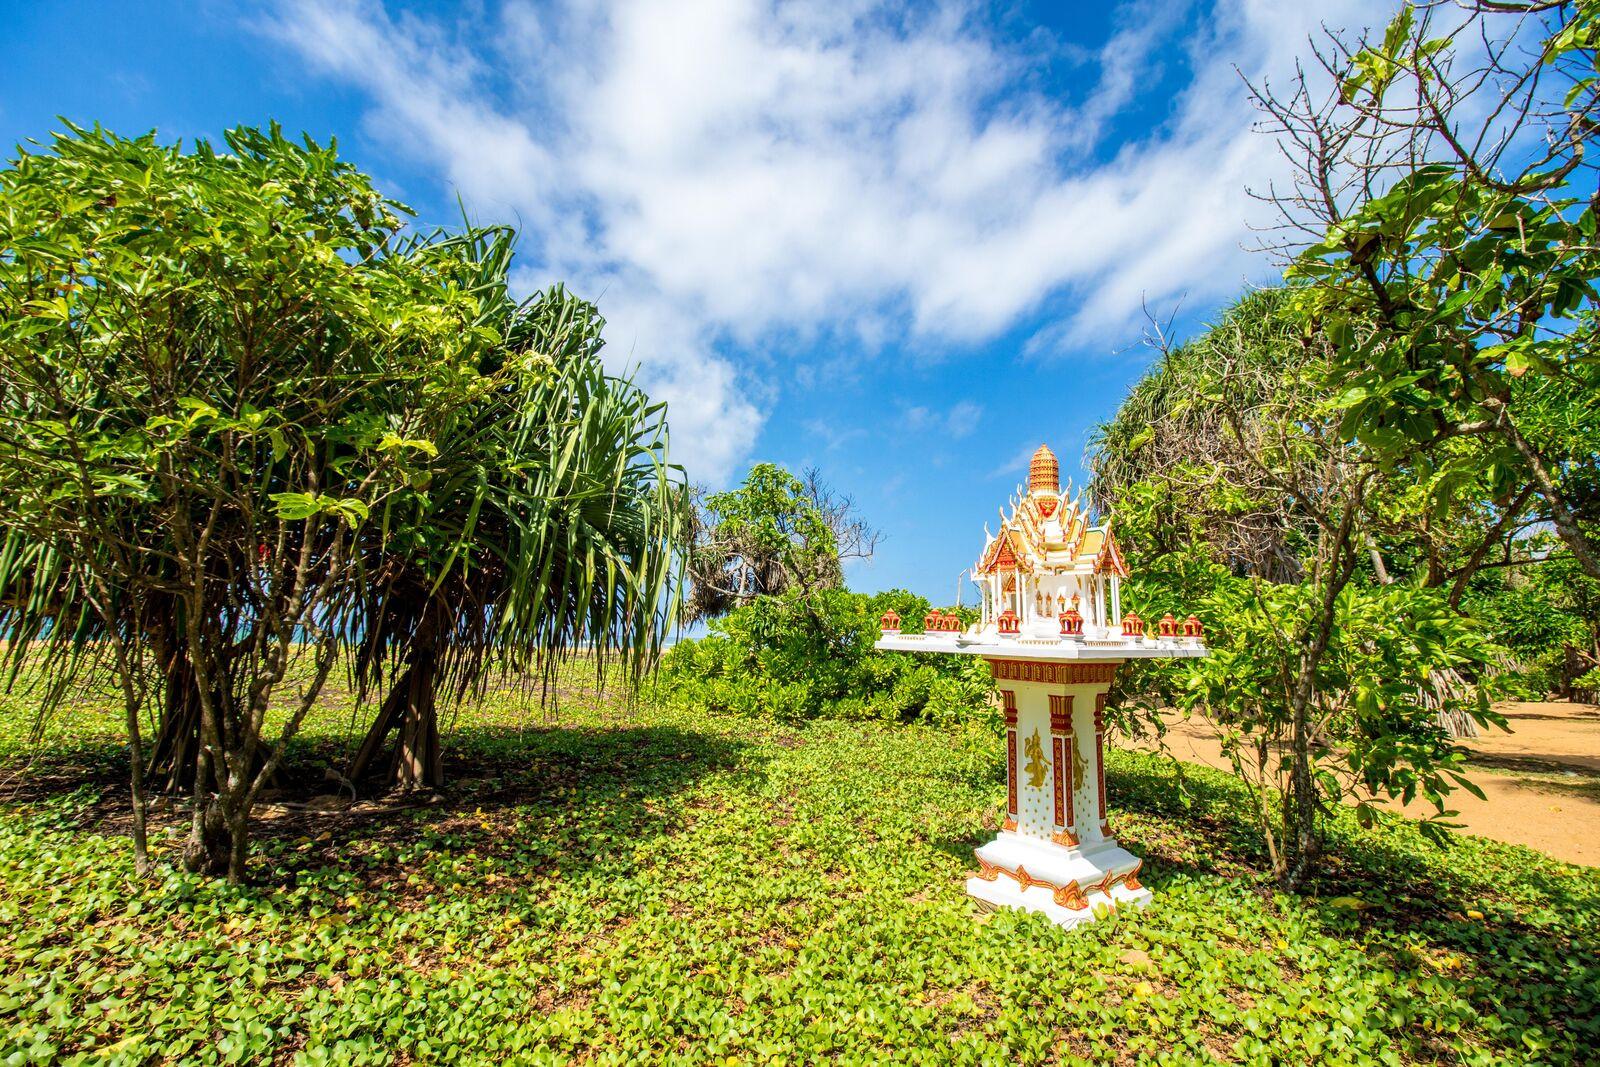 aditya garden.jpeg